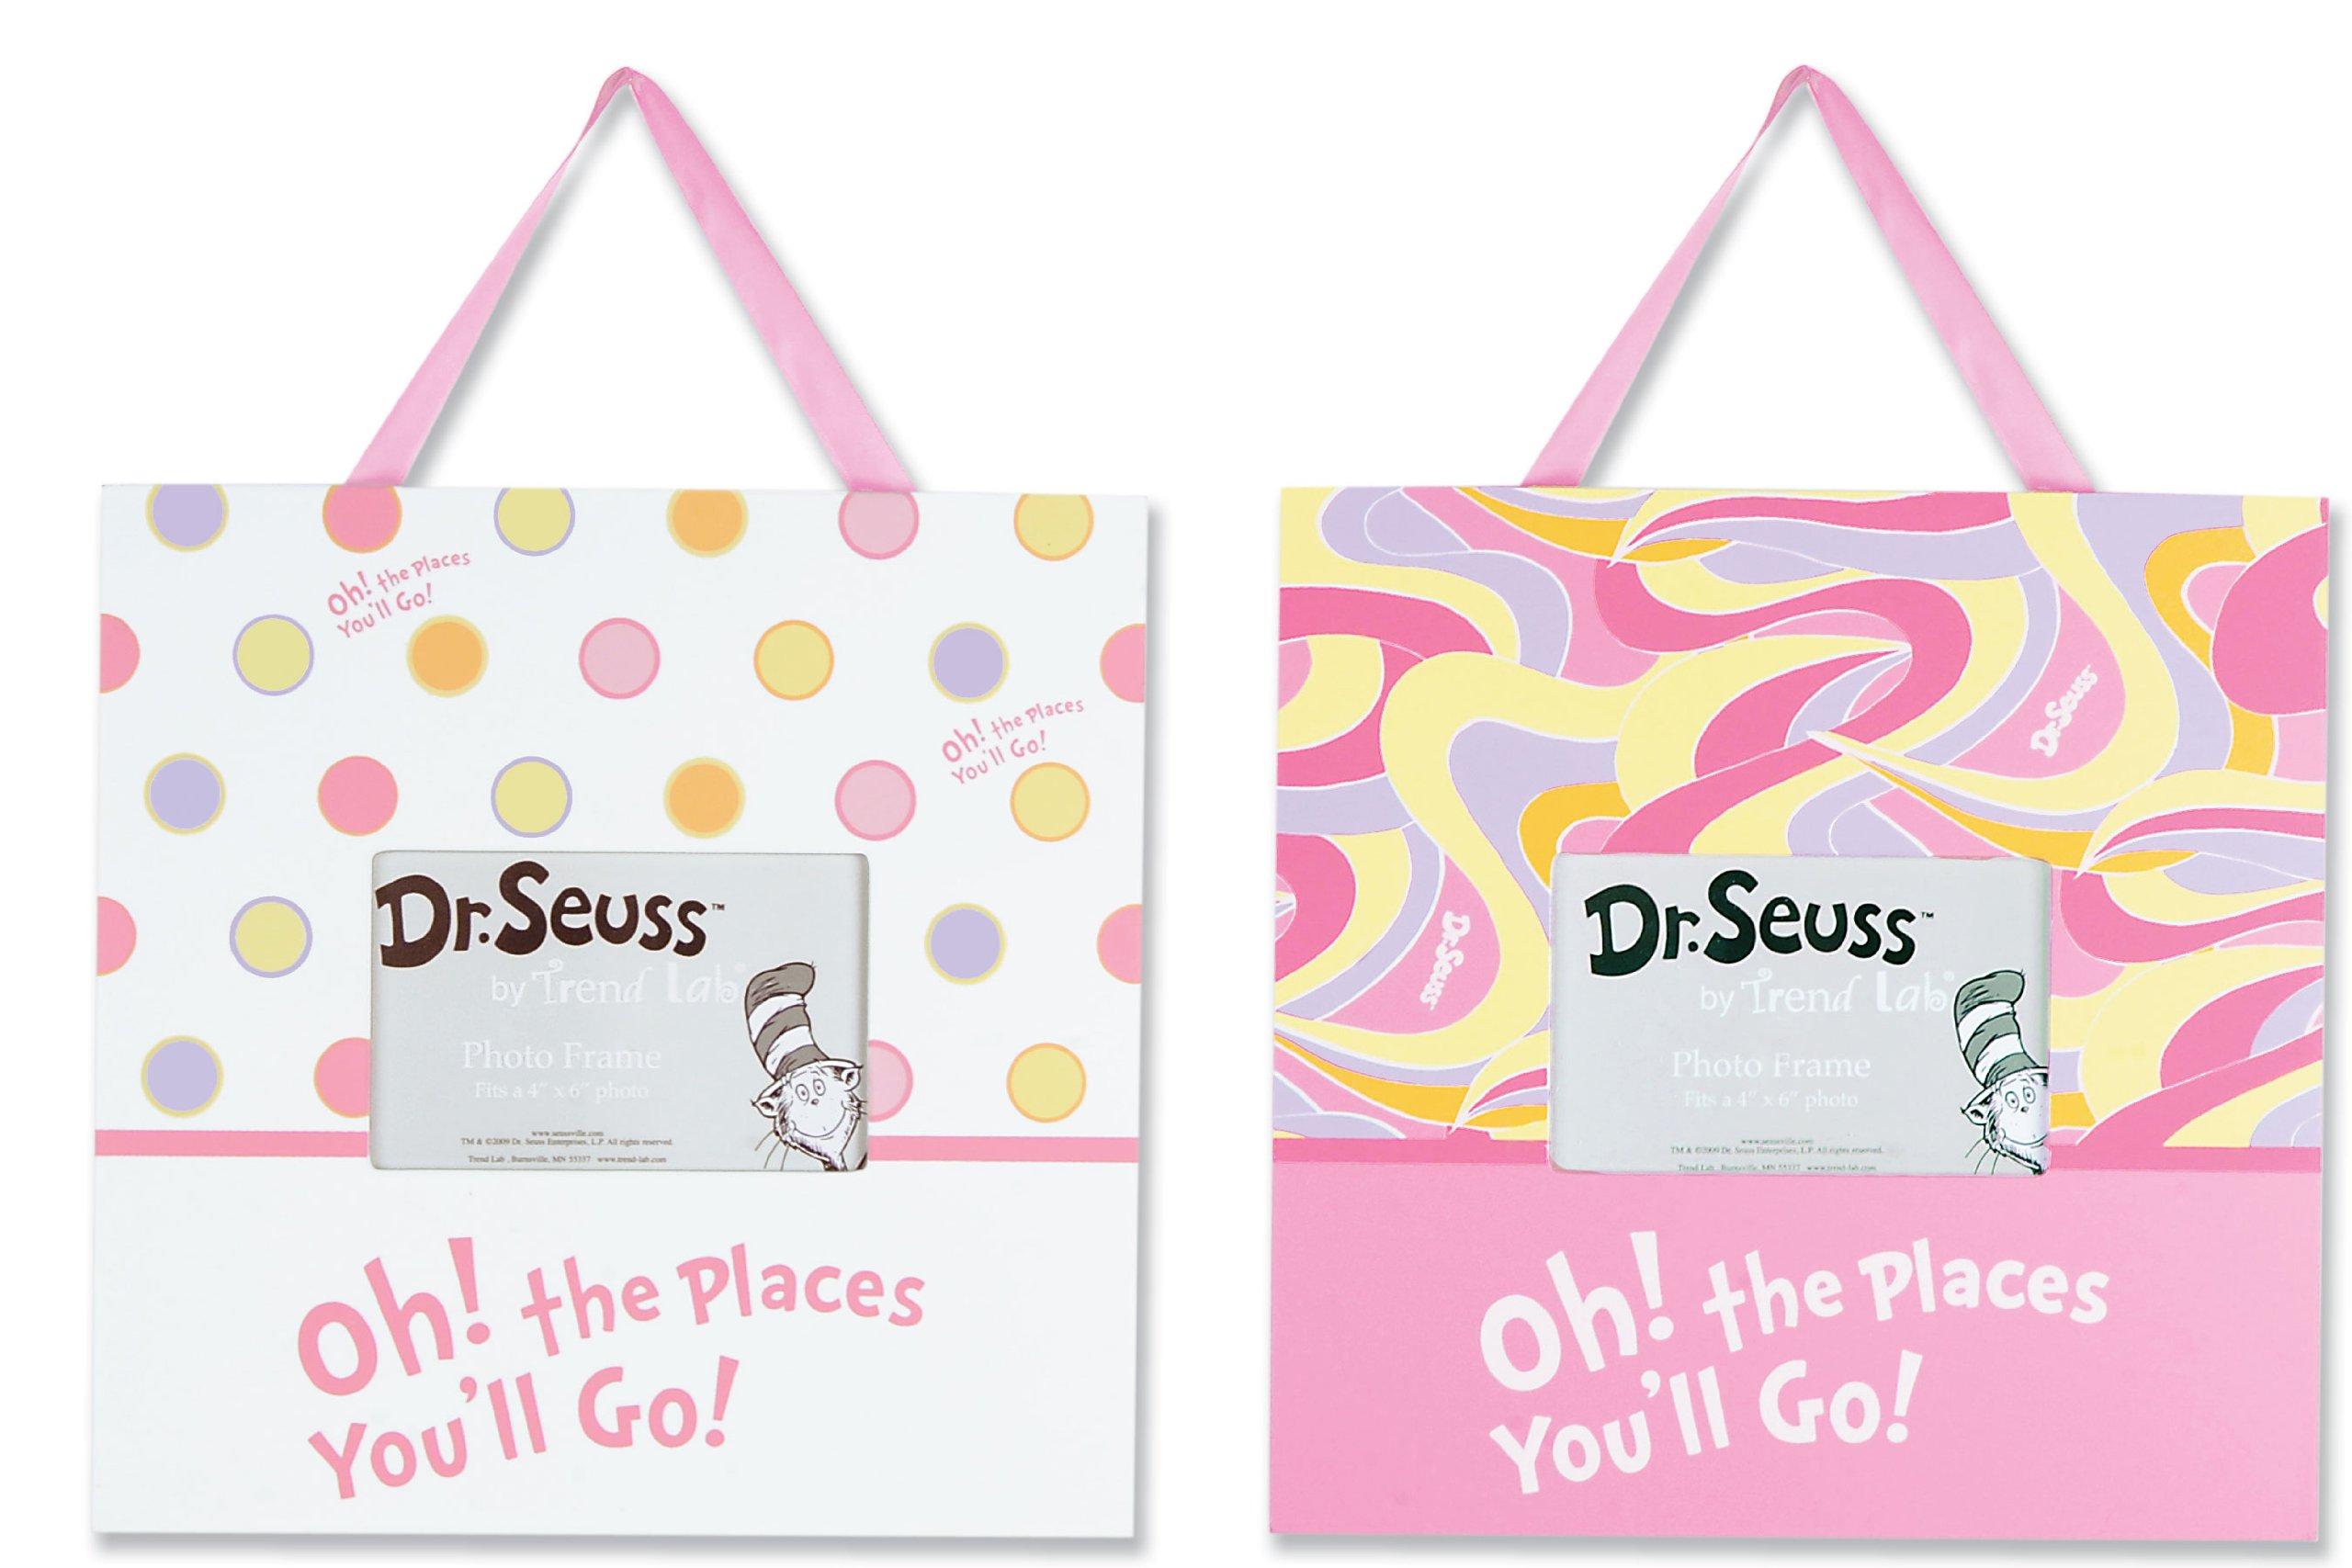 Amazon.com : Trend Lab 2 Piece Dr.Seuss Frame Set, Oh! The Places ...